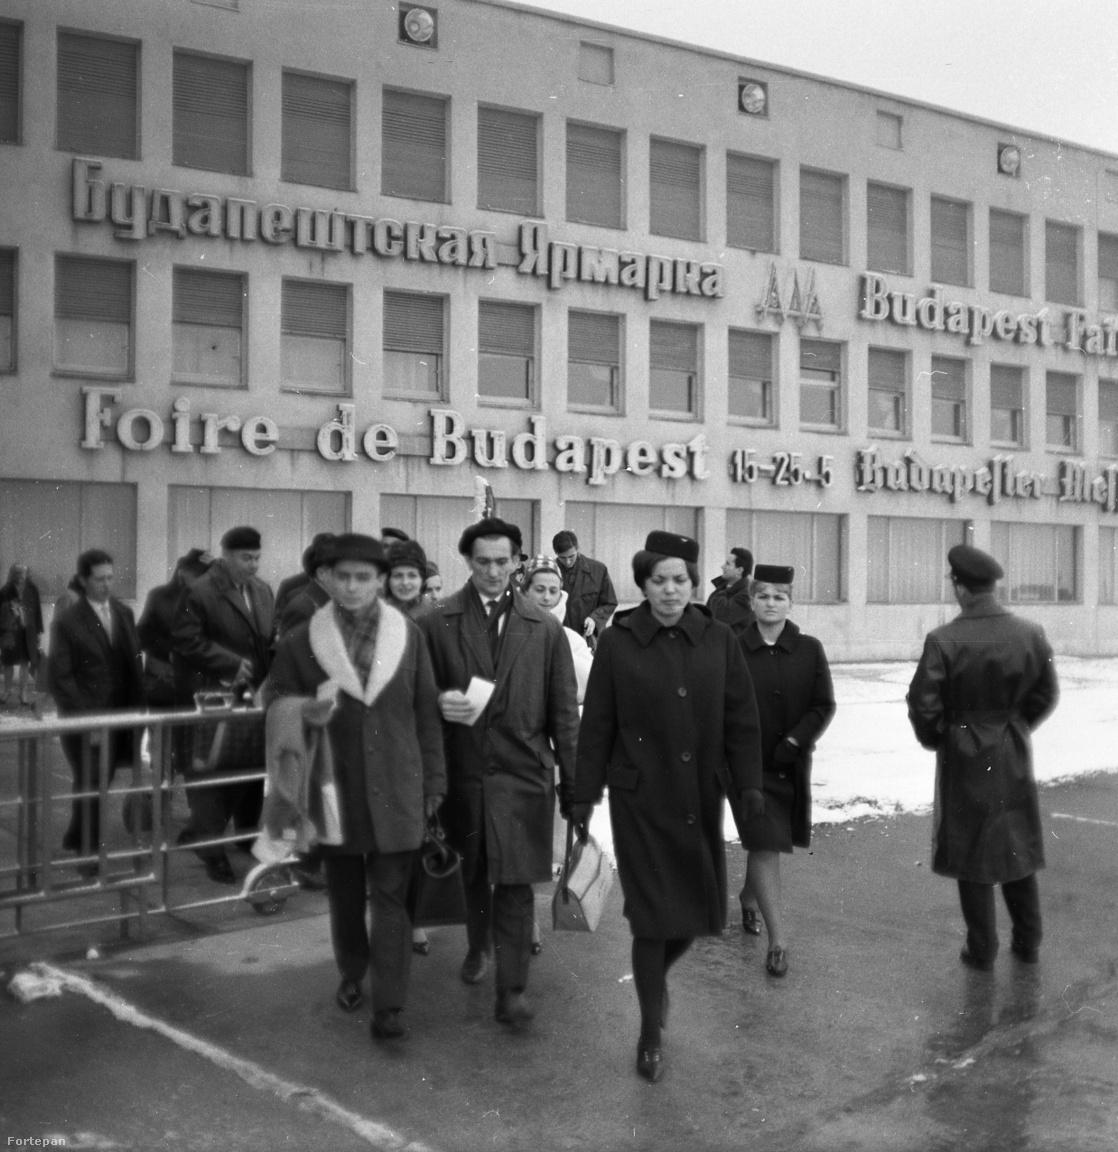 1964: a Magyar Állami Operaház balett társulata Kairóba utazik. A háttérben jól megfigyelhetőek a főépület többnyelvű neonfeliratai.